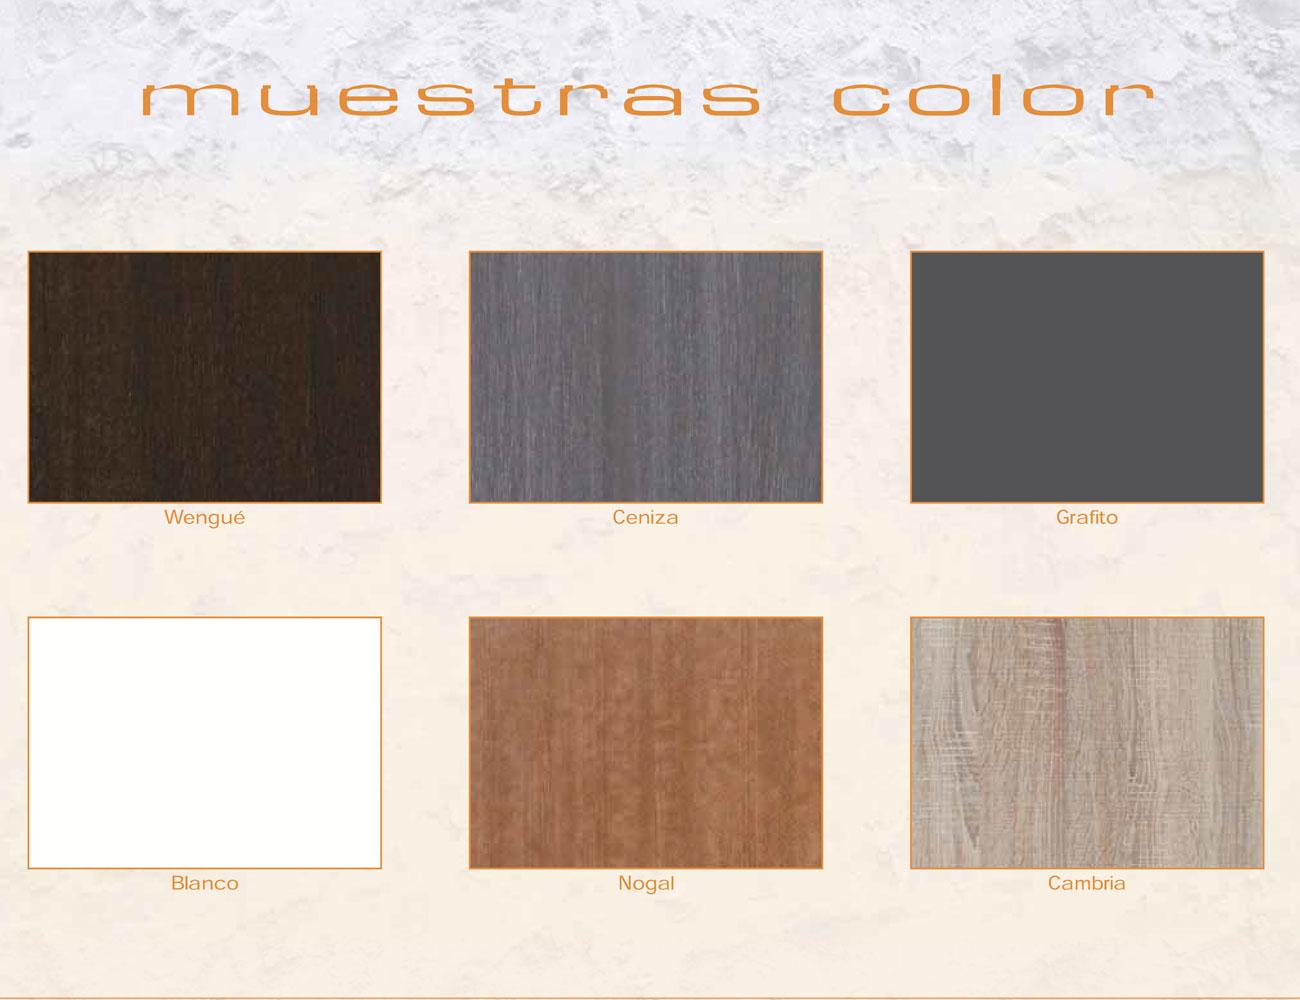 Muestras color muebles expo17